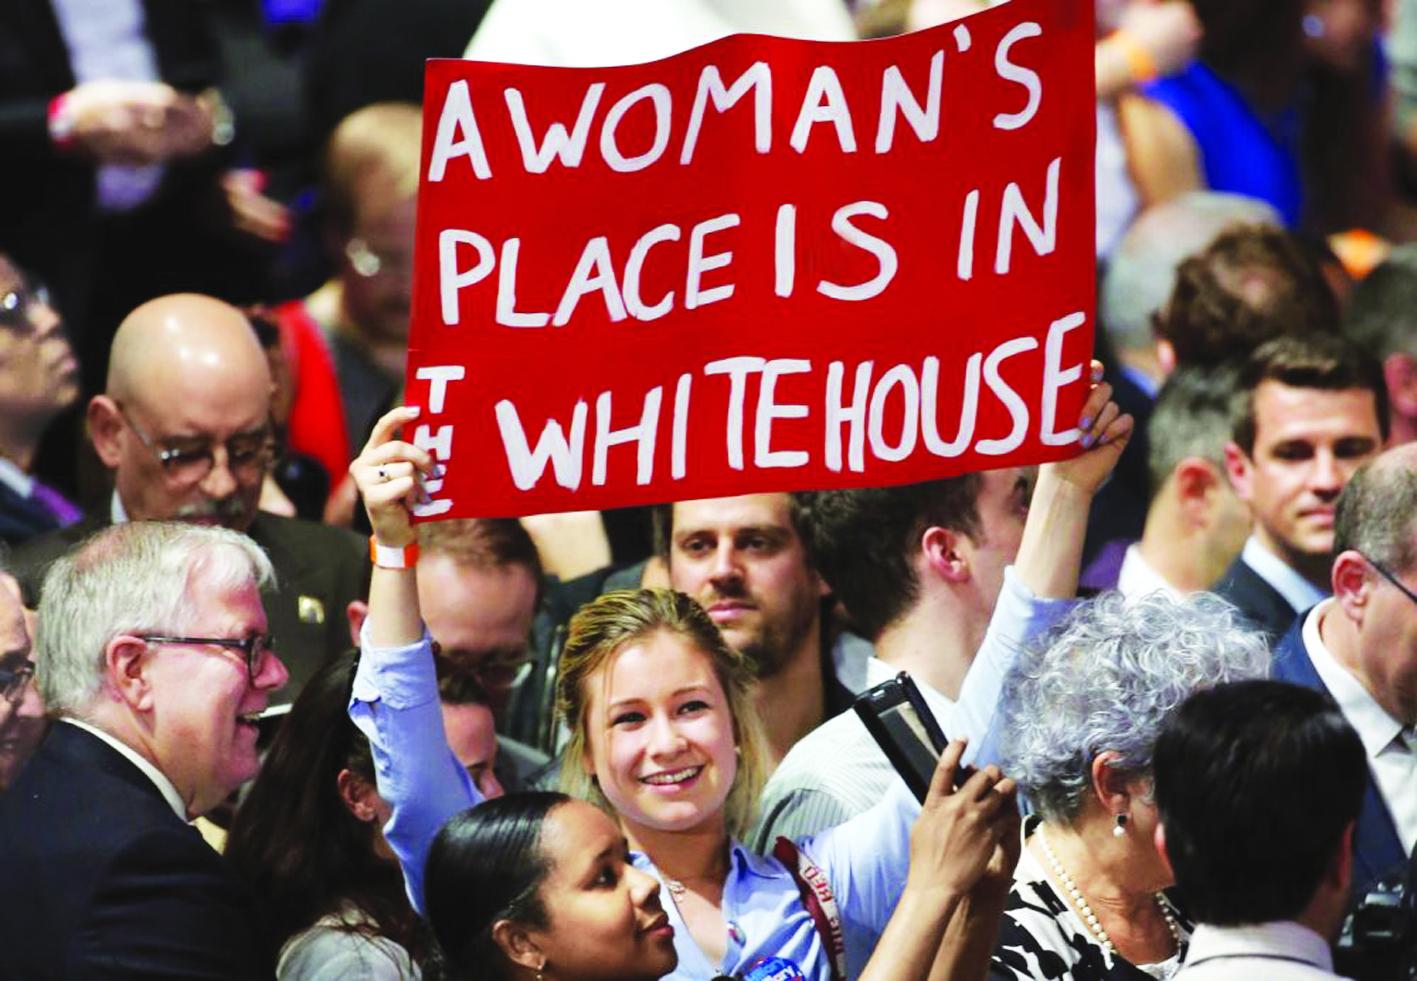 Cuộc đua vào Nhà Trắng năm 2020 được dự đoán là cuộc đua mang đậm màu sắc nữ quyền